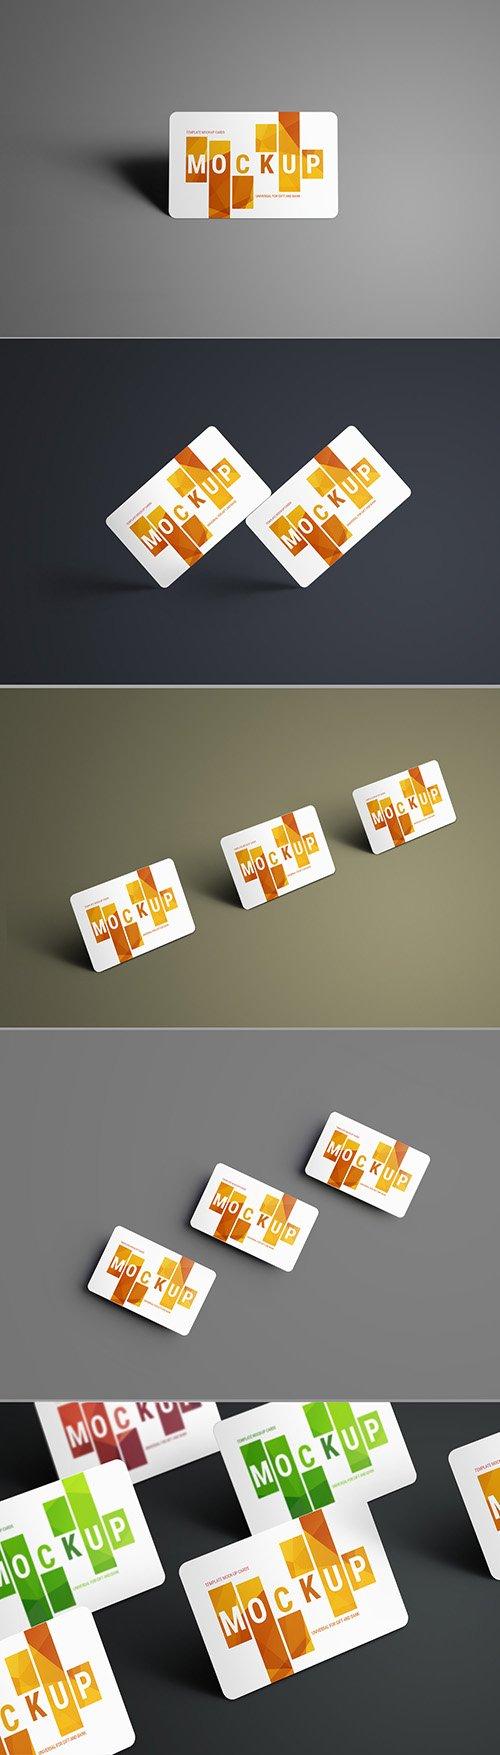 5 Gift/Bank Card Mockup Layouts 199017726 PSDT